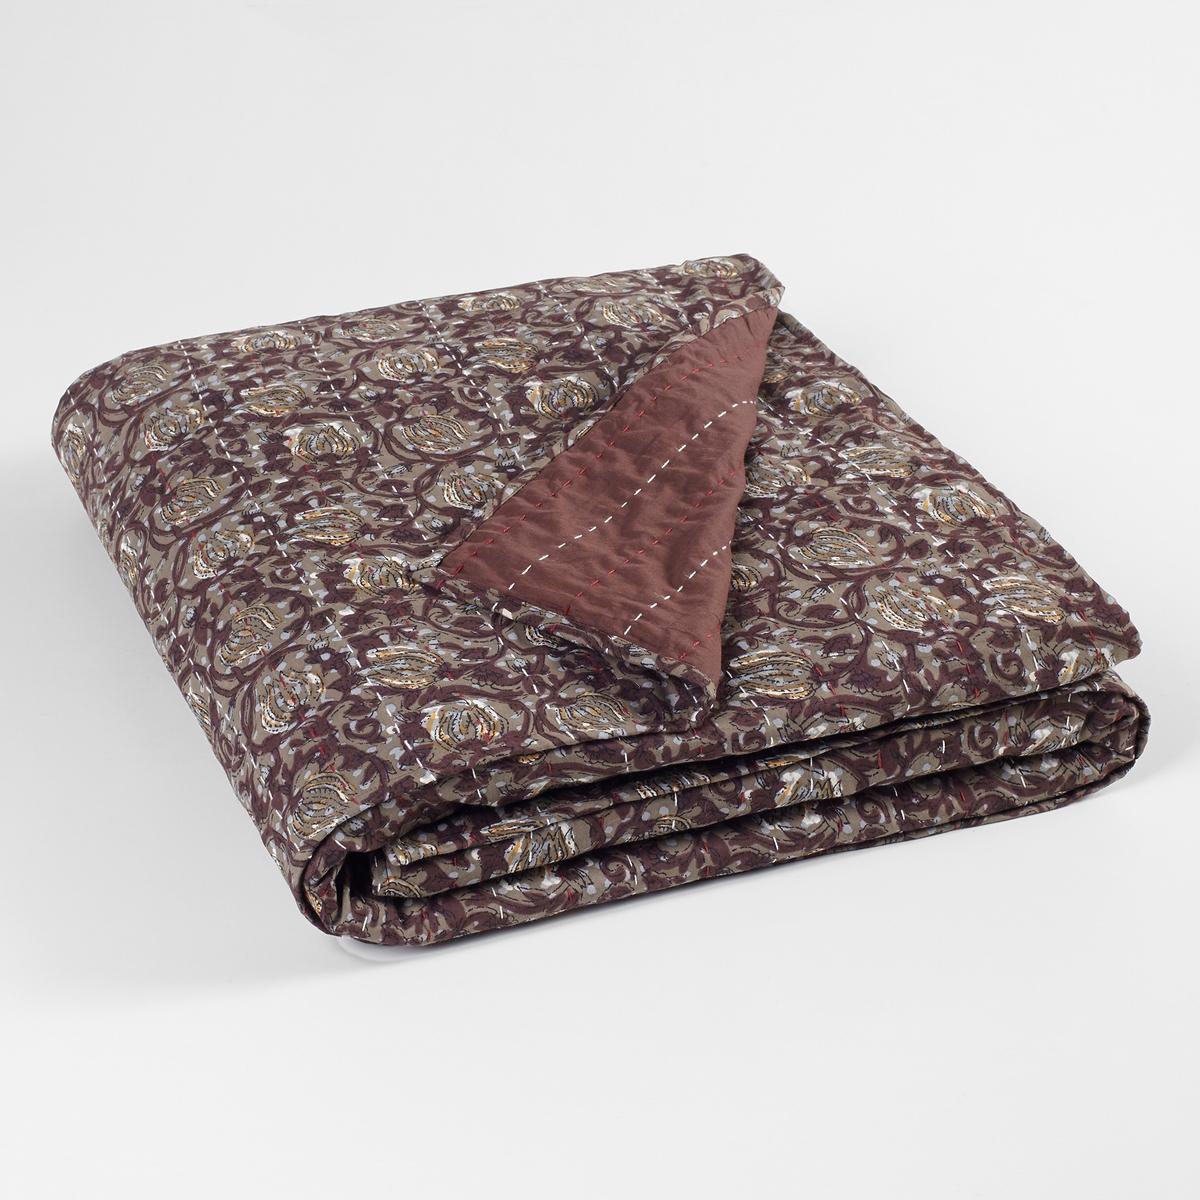 Покрывало из плотной ткани ArtemioПокрывало из плотной ткани Artemio . Деликатный цветочный рисунок с контрастной вышивкой . 1 сторона с рисунком, 1 сторона однотонная .Состав : - Чехол из вуали 100% хлопок, мягкий и теплый . - Наполнитель 100% хлопчатобумажная газовая ткань .- Ручная работаУход : - Стирка при 30°Размер : - 140 x 160 см .<br><br>Цвет: набивной рисунок<br>Размер: 140 x 160 см